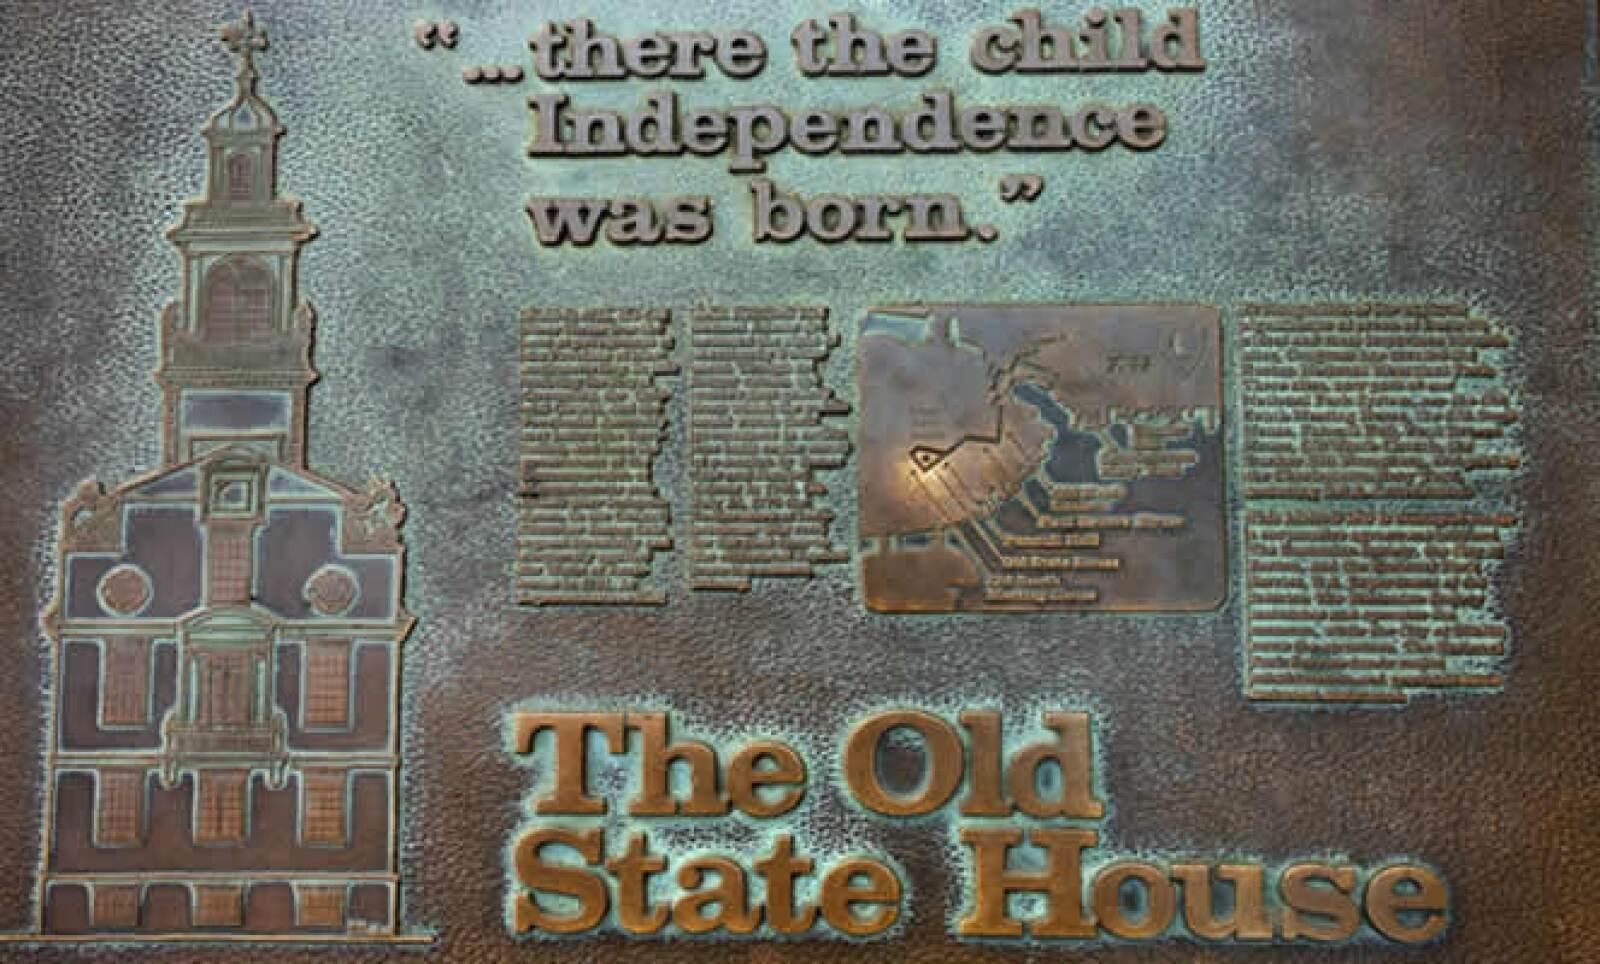 Terminamos esta visita relámpago, con la placa que se encuentra en el Faneuil Hall, conmemorando el inicio de la independencia en Estados Unidos.